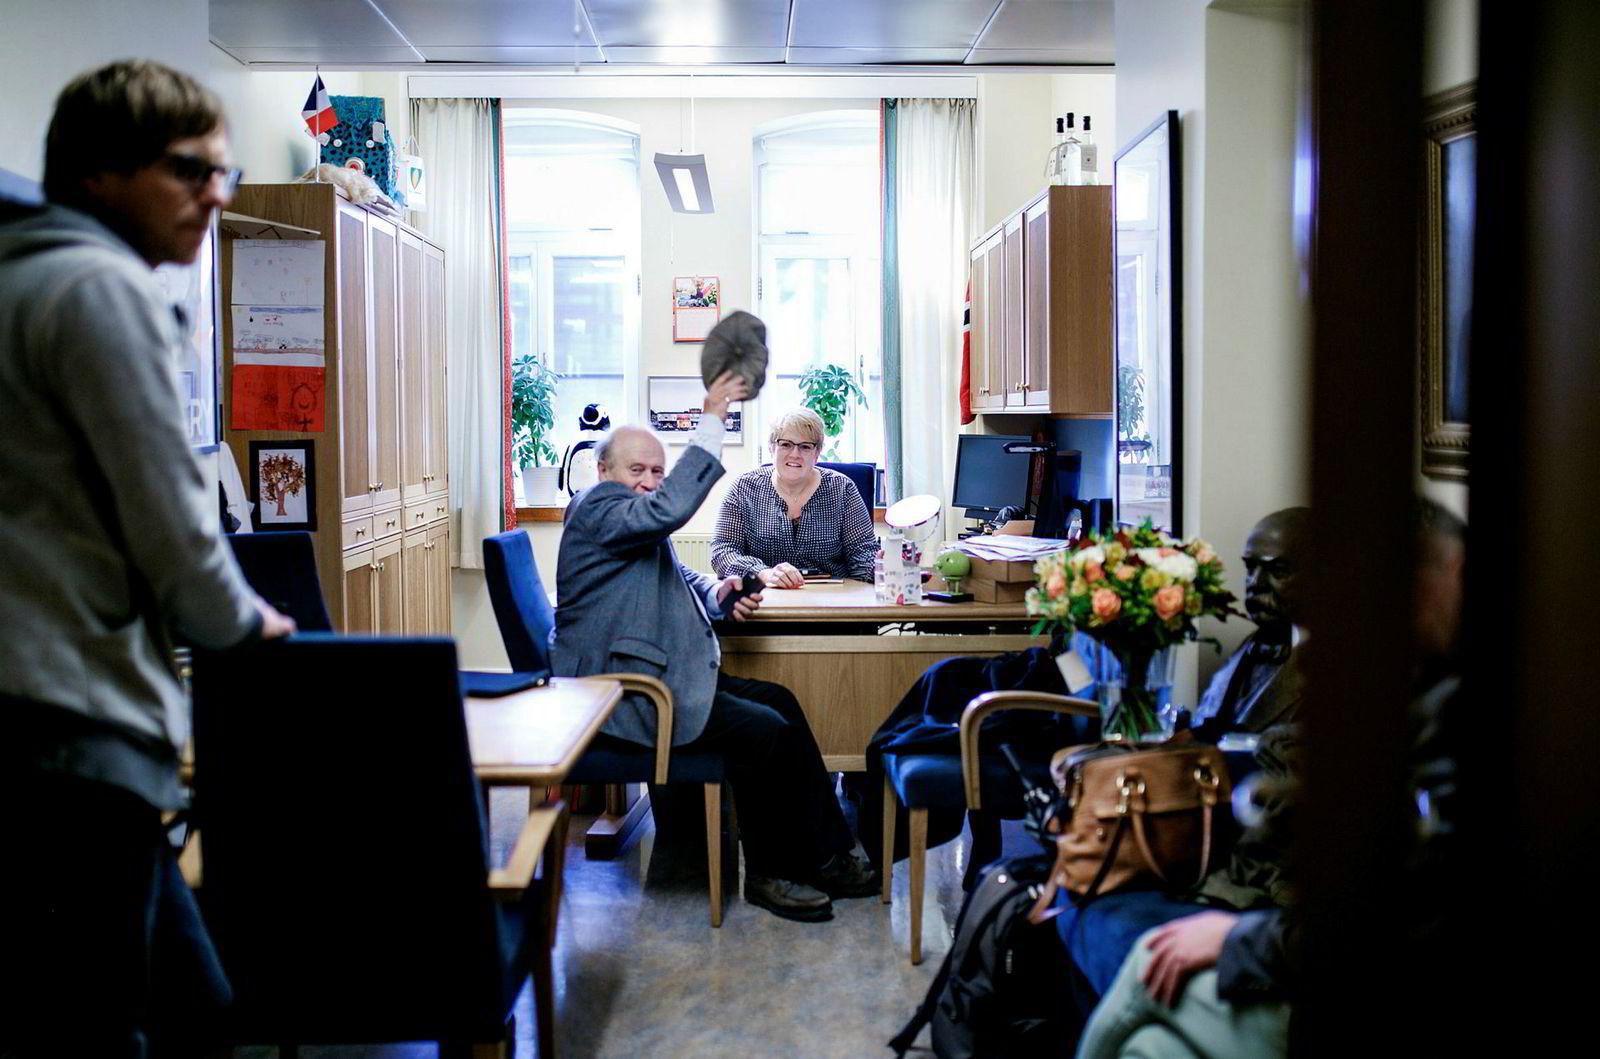 Venstre-leder Trine Skei Grande har kontordag på Stortinget to dager etter valget. Valgkampen skal analyseres, og partiledelsen vil egentlig ikke si så mye til pressen ennå. DNs fotograf ble likevel hilst velkommen inn for en titt. Her rådfører Grande seg med tidligere Venstre-leder Odd Einar Dørum.